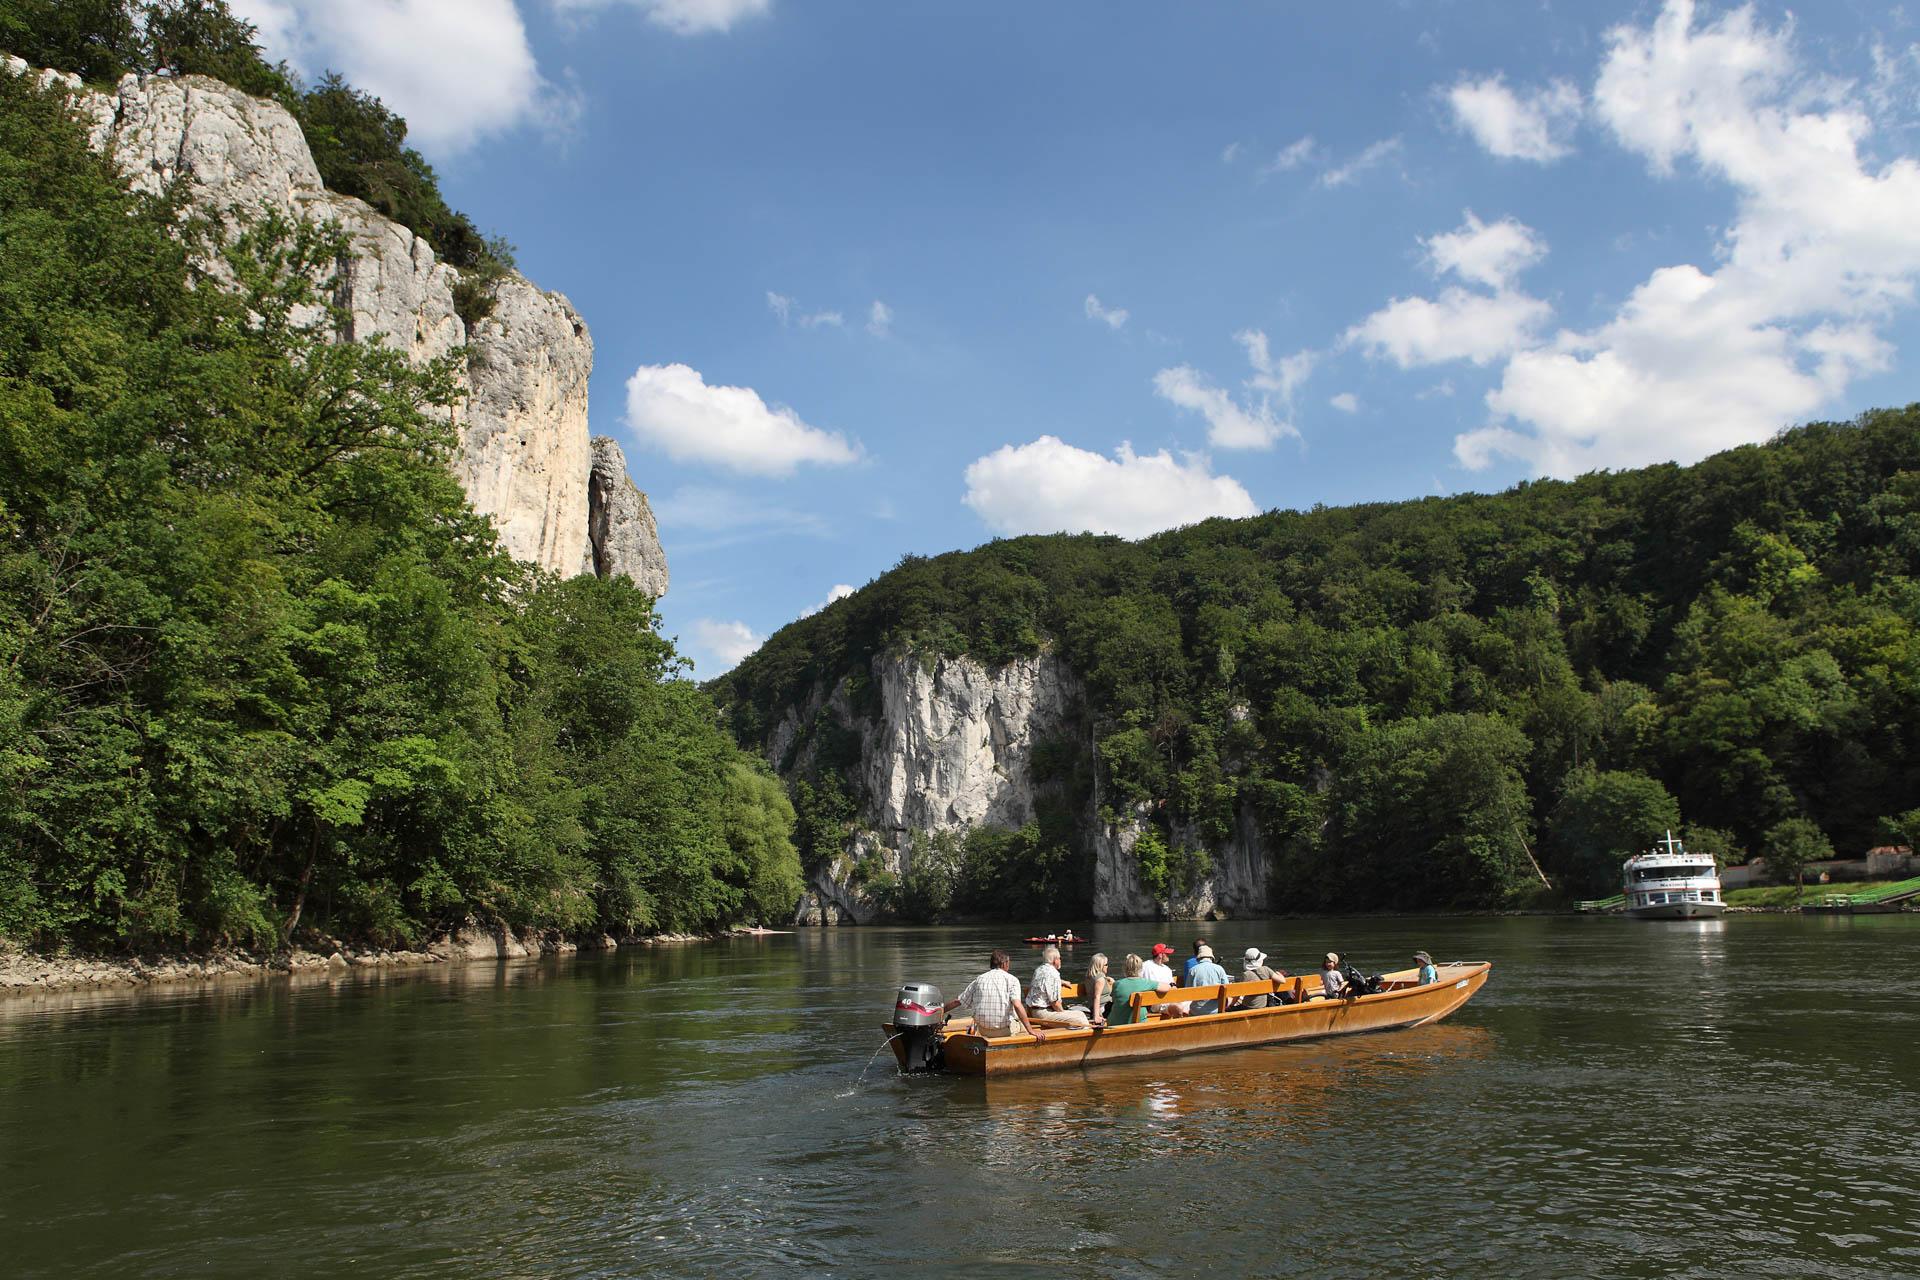 Mit dem Boot auf der Donau im Donaudurchbruch unterwegs